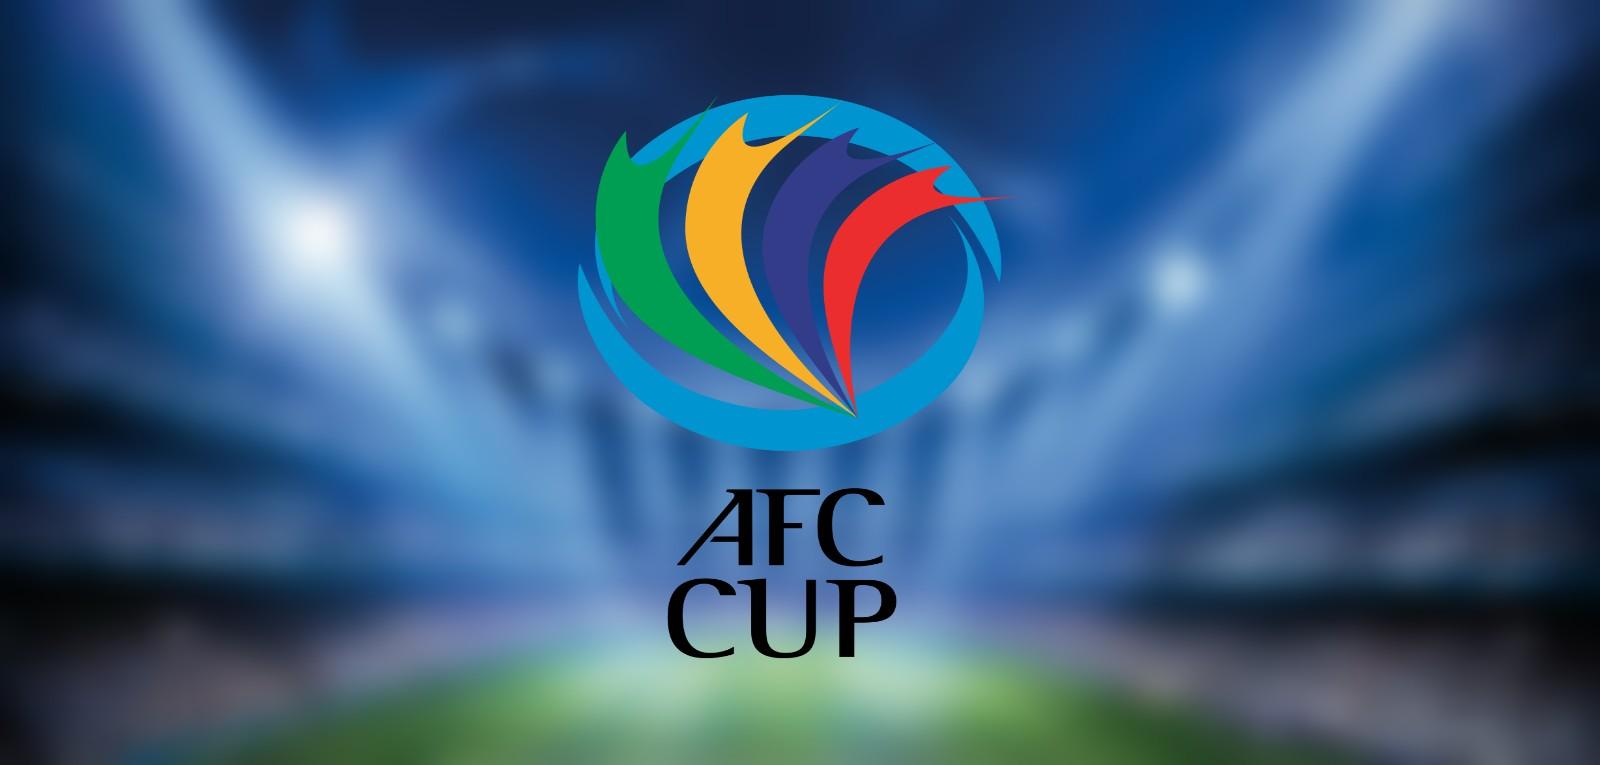 Jadual Piala AFC 2019 Keputusan (AFC Cup)